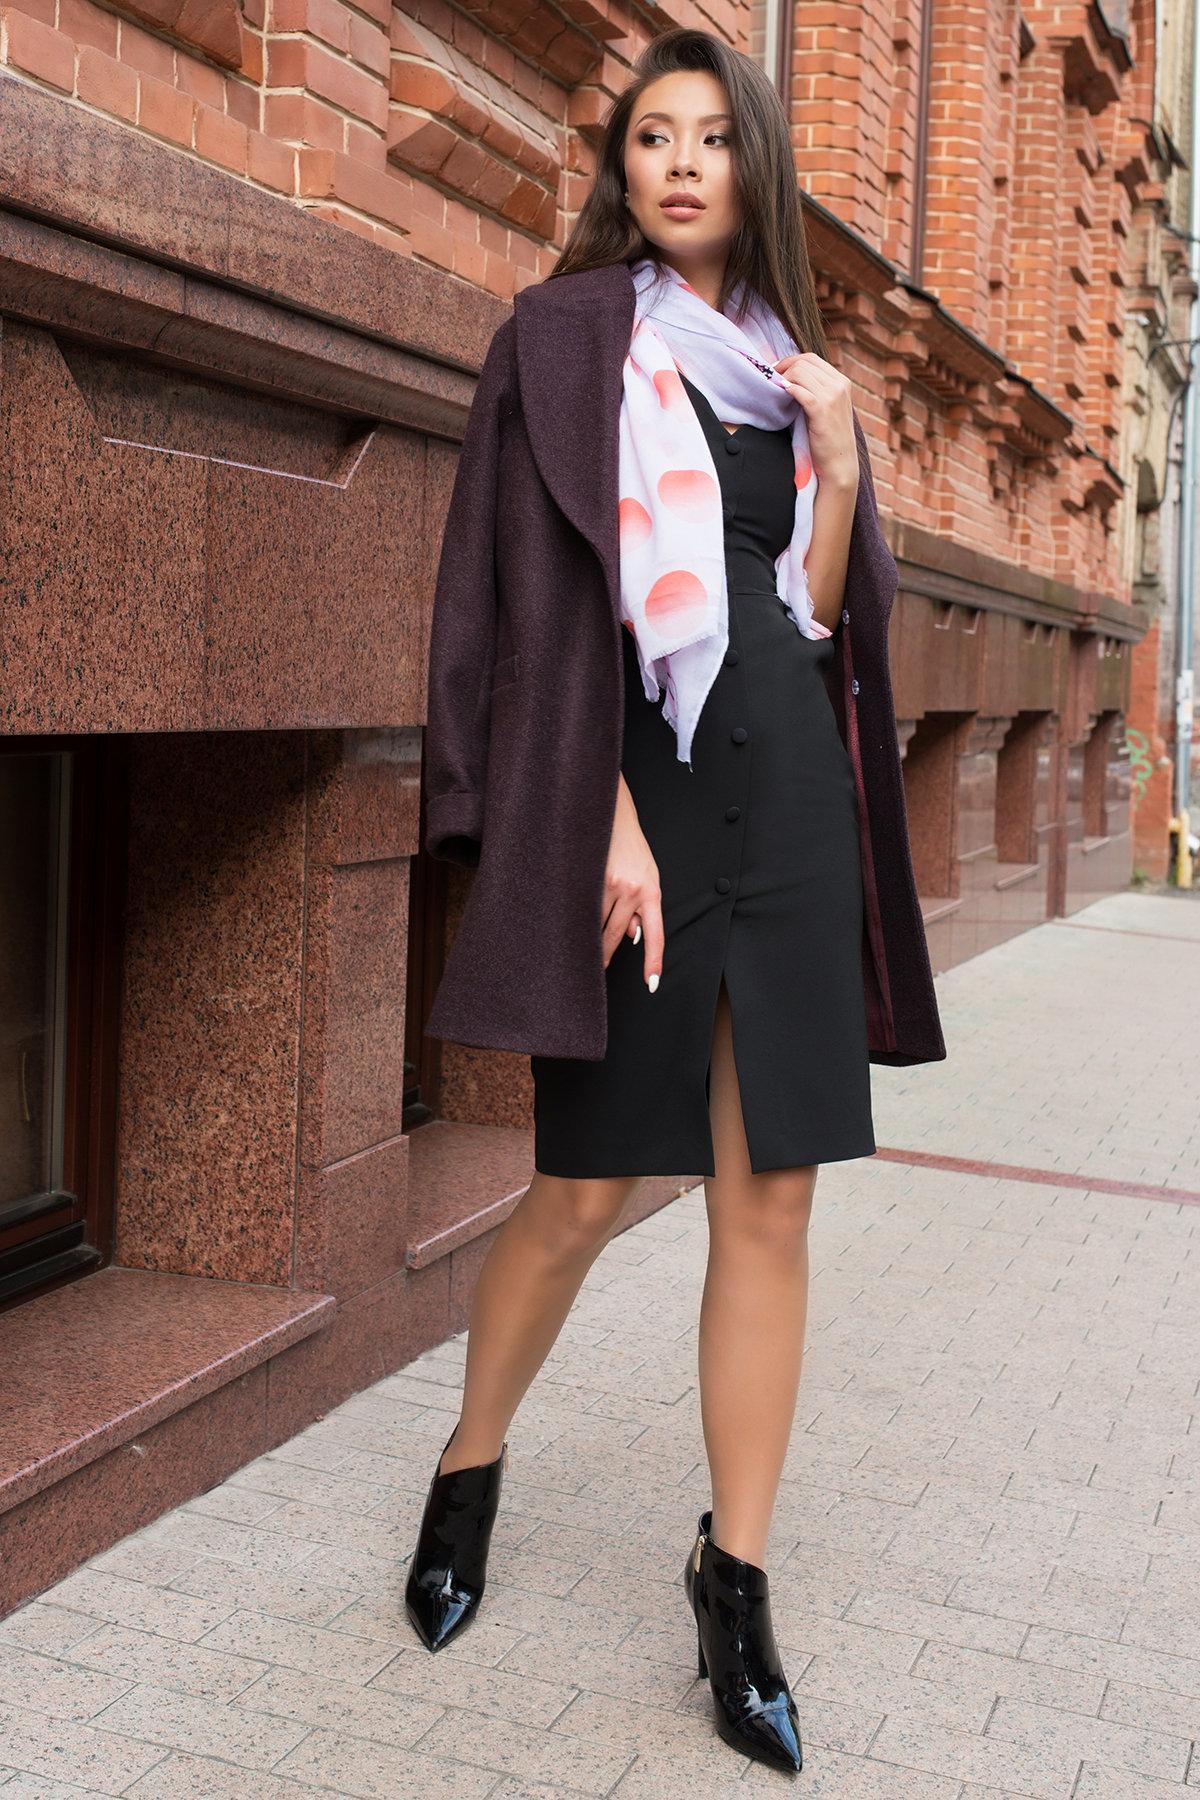 Деловое платье миди Тетрис 7917 АРТ. 43849 Цвет: Черный - фото 4, интернет магазин tm-modus.ru